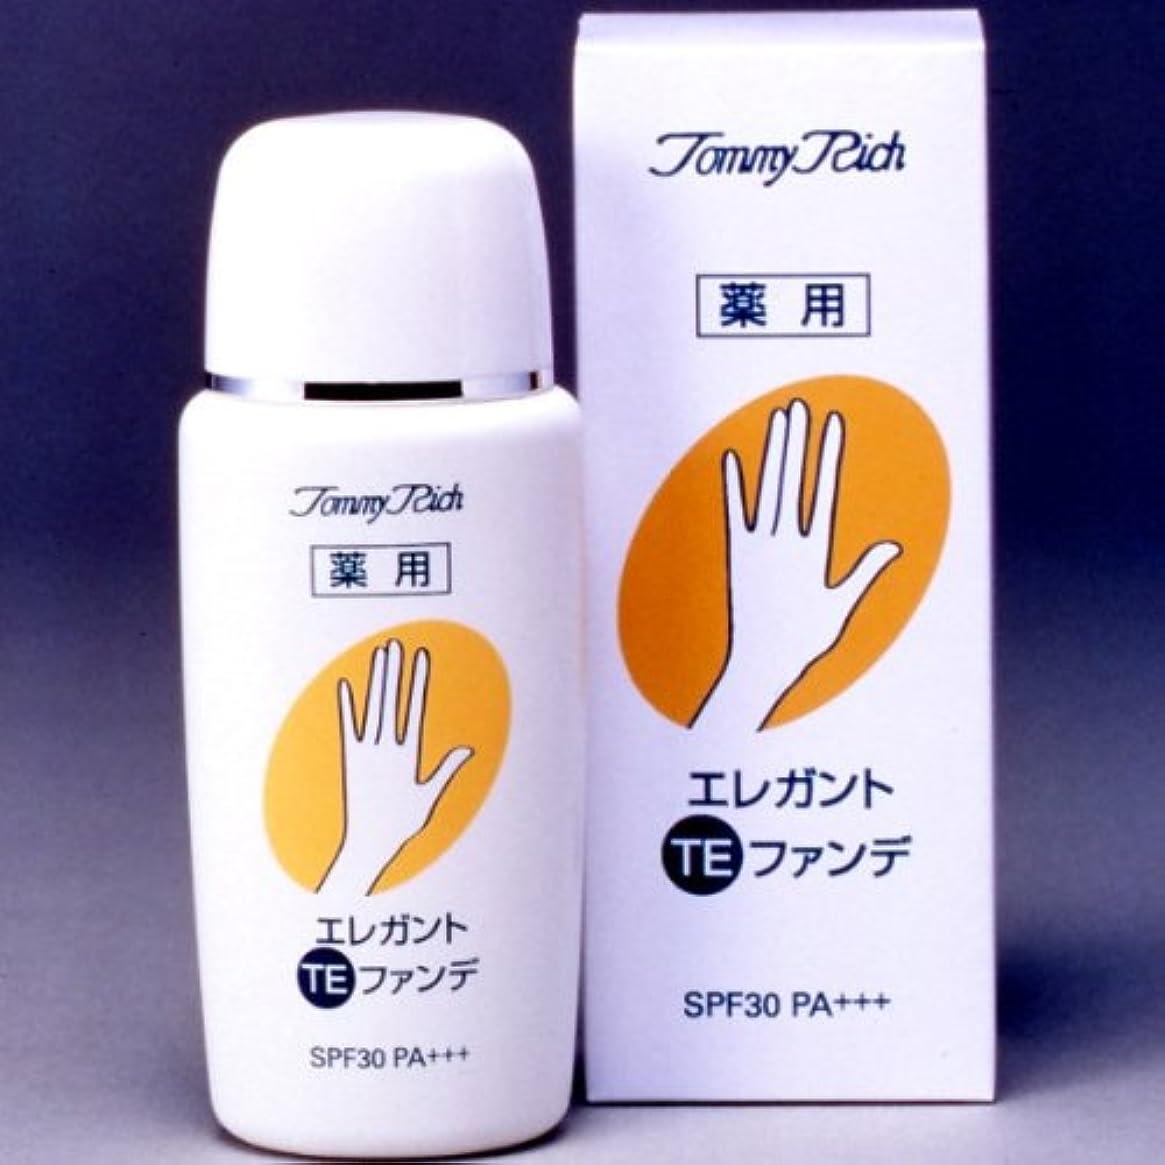 召喚する名誉アライメント手や腕のシミや老班をカバーして、白く清潔で美しい手になる!!『薬用エレガントTEファンデ 』